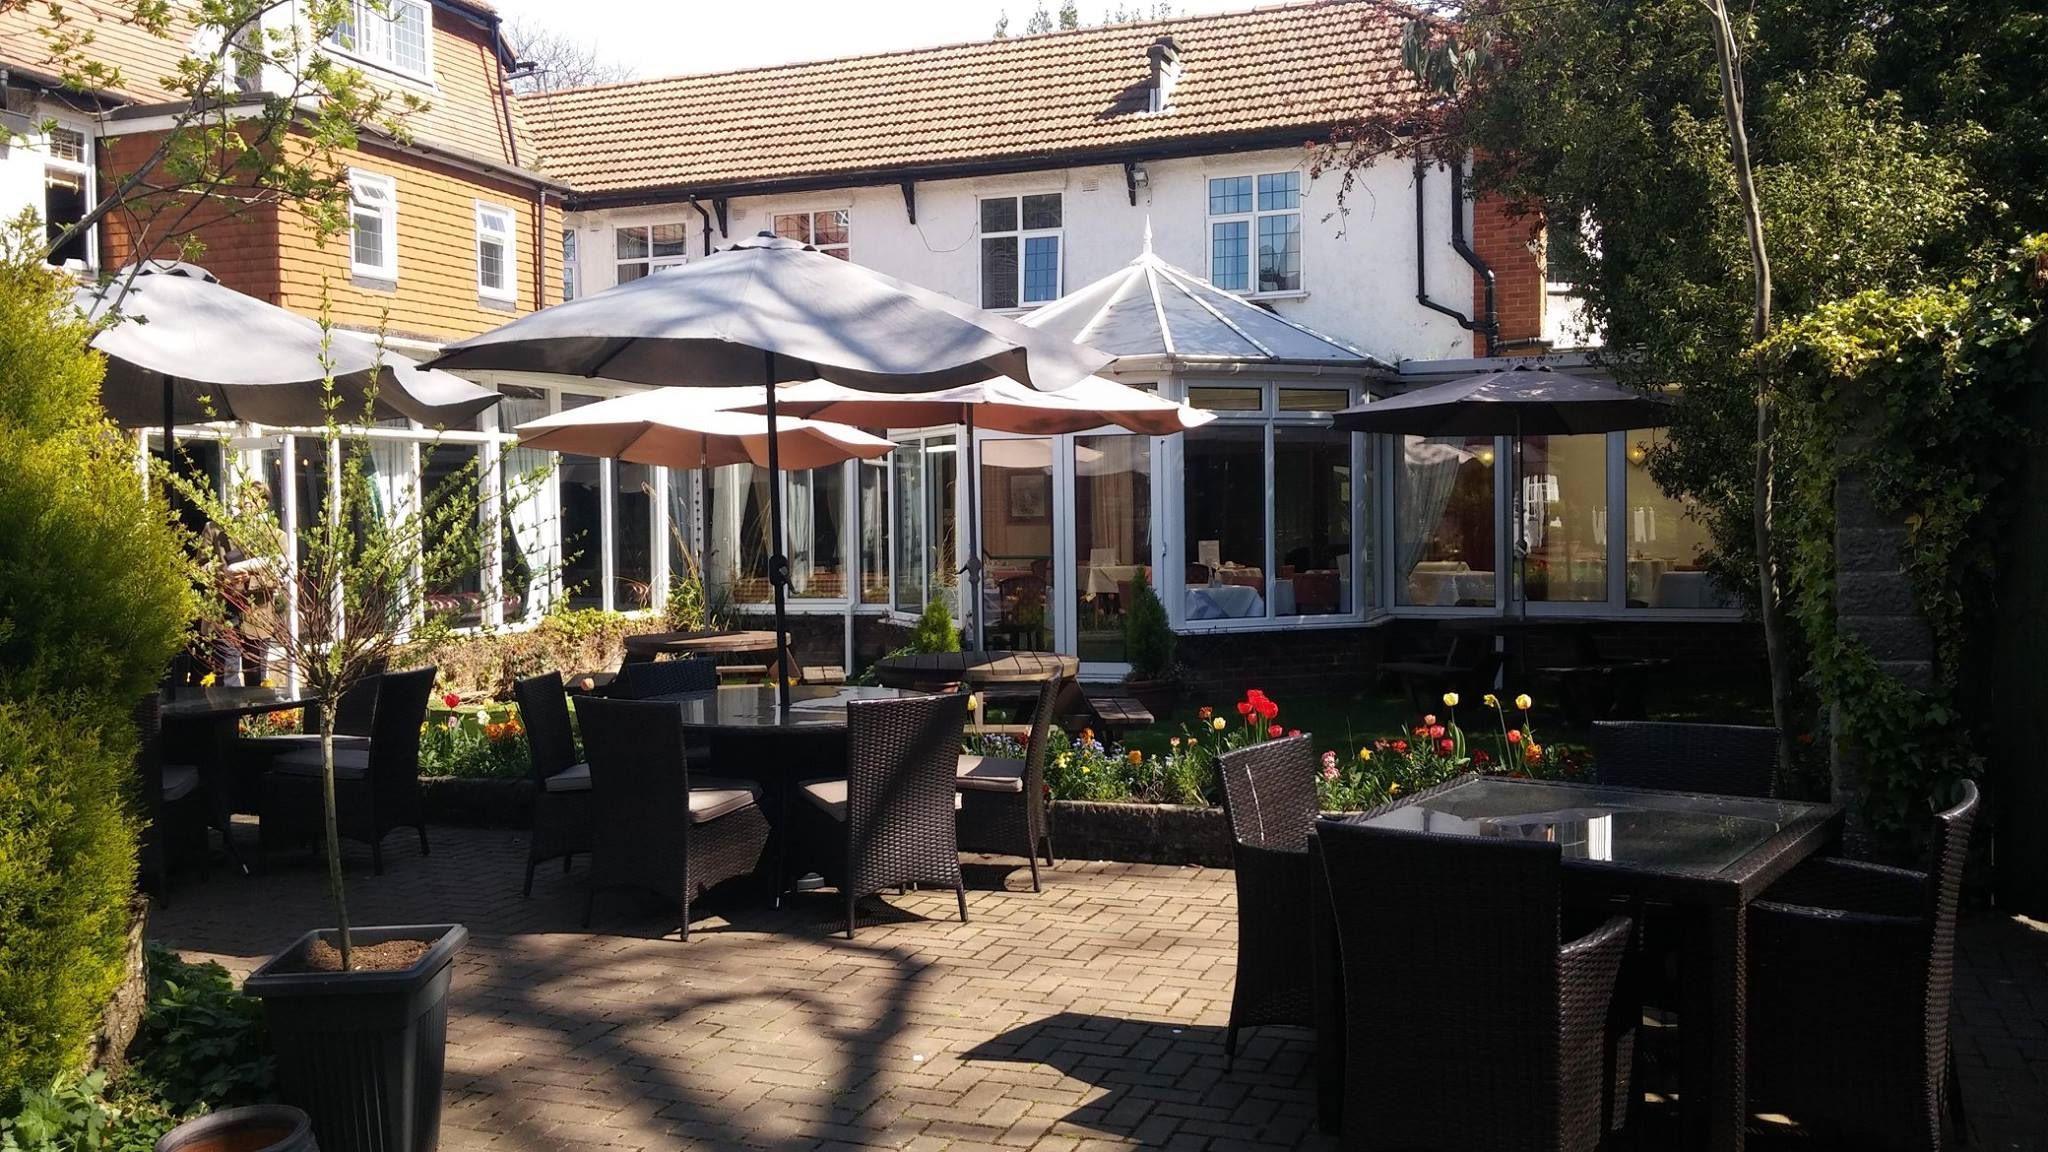 The Yenton Hotel Bournemouth Dorset England Uk Holiday Travel